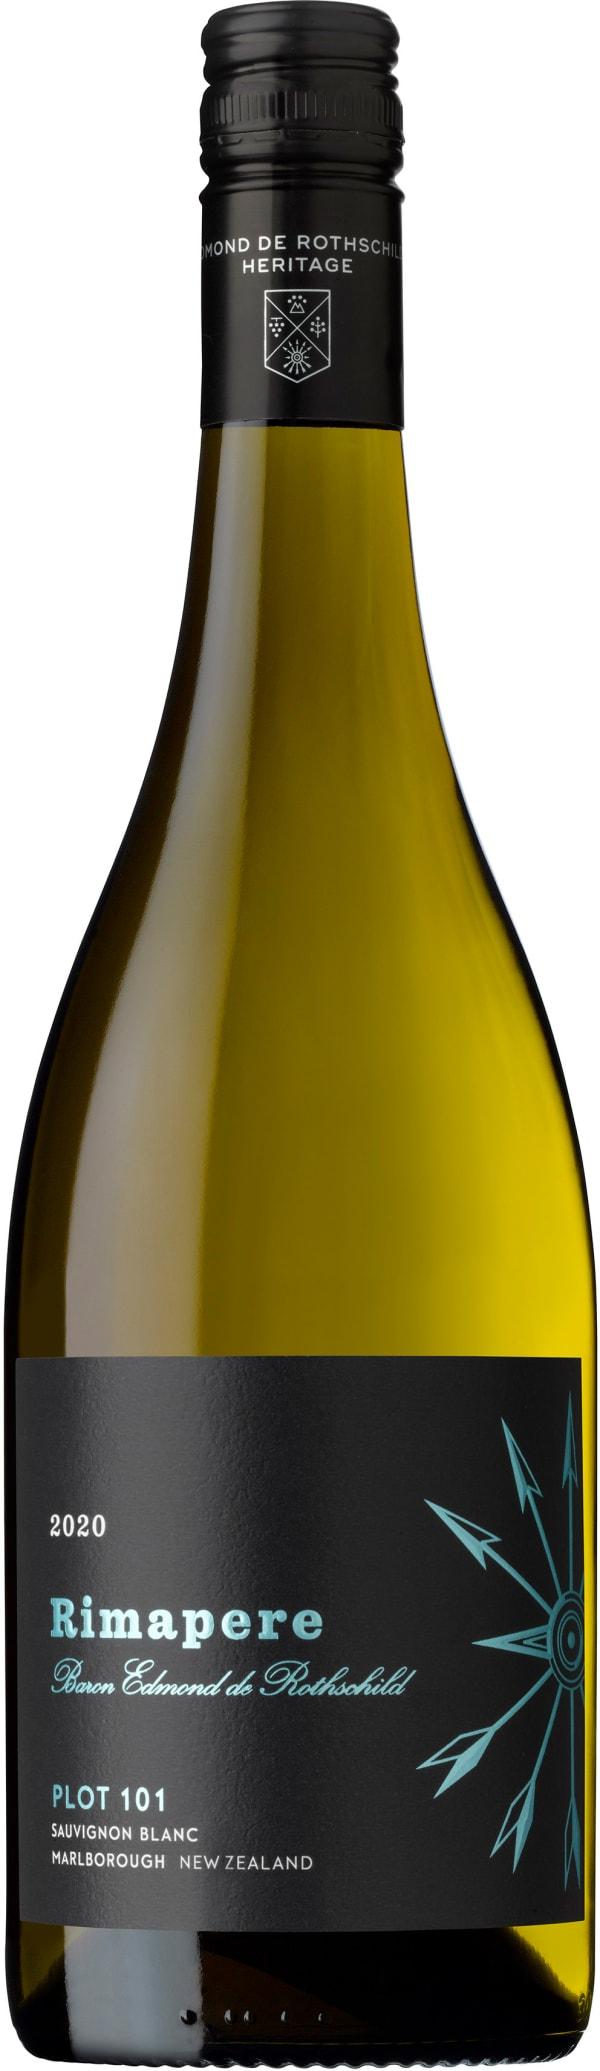 Rimapere Plot 101 Sauvignon Blanc 2020